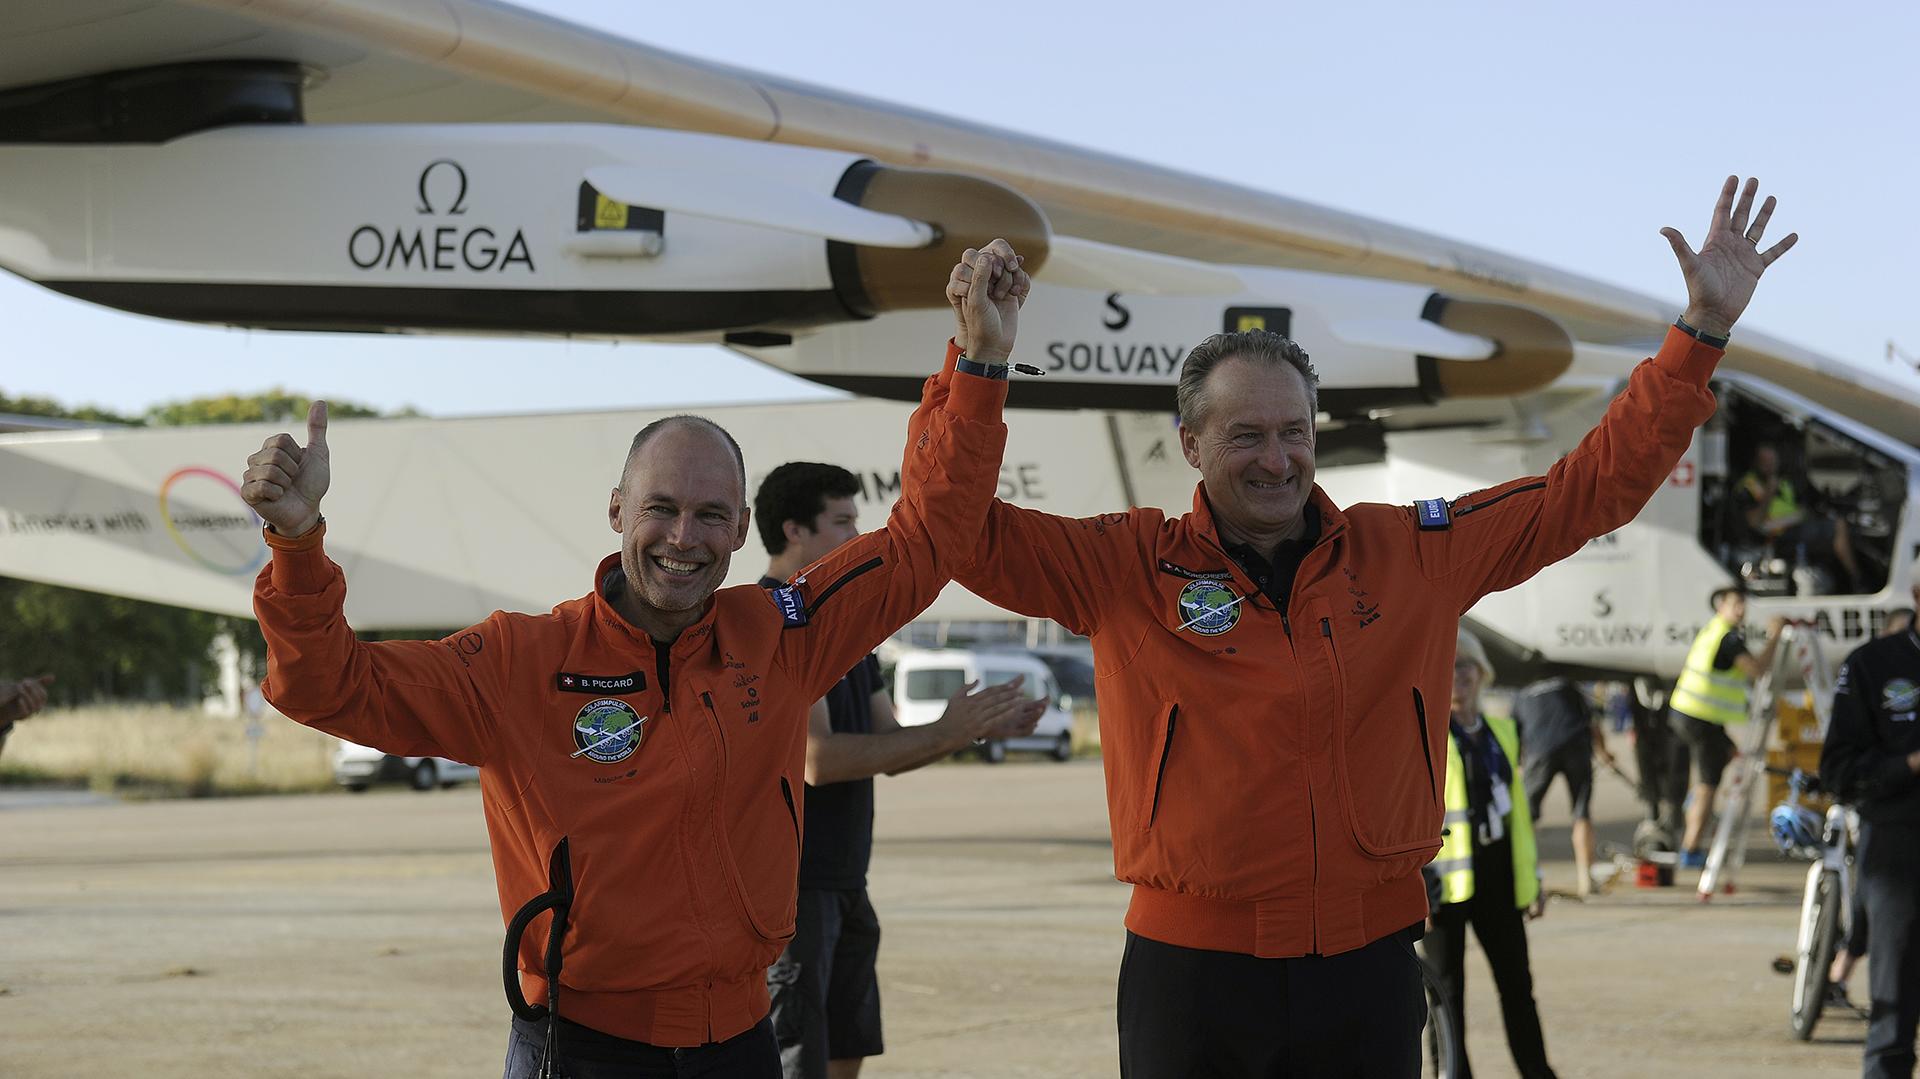 Los pilotos celebran su llegada a Sevilla. El equipo deberá decidir ahora cómo completa la vuelta al mundo, para lo cual debe de estudiar numerosos indicadores atmosféricos y geográficos. (AFP)